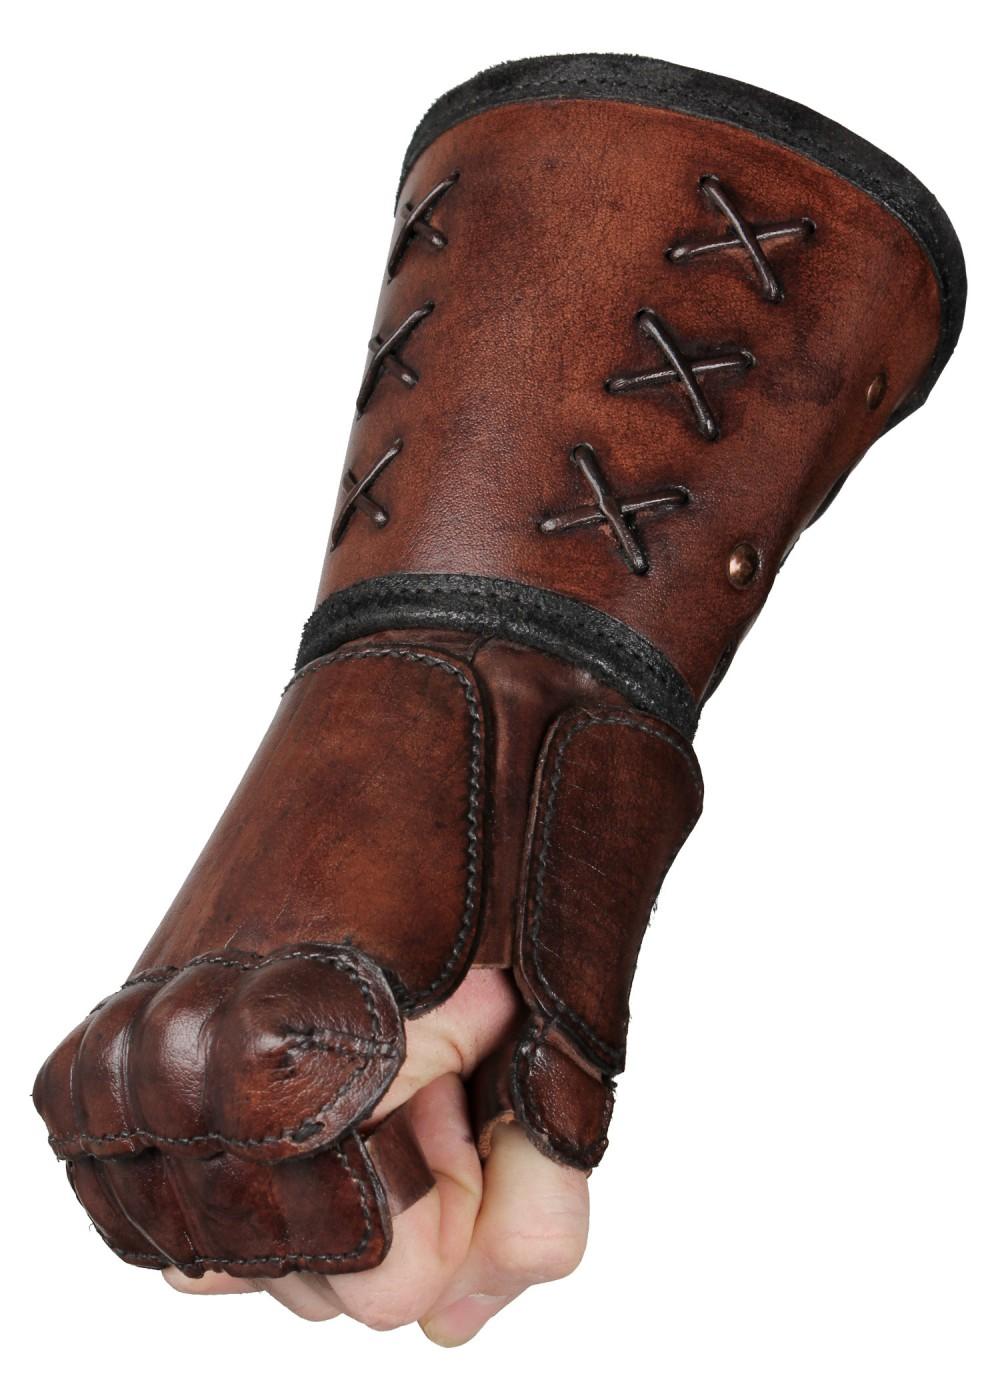 Käsisuoja nahkaa, leather gauntlet